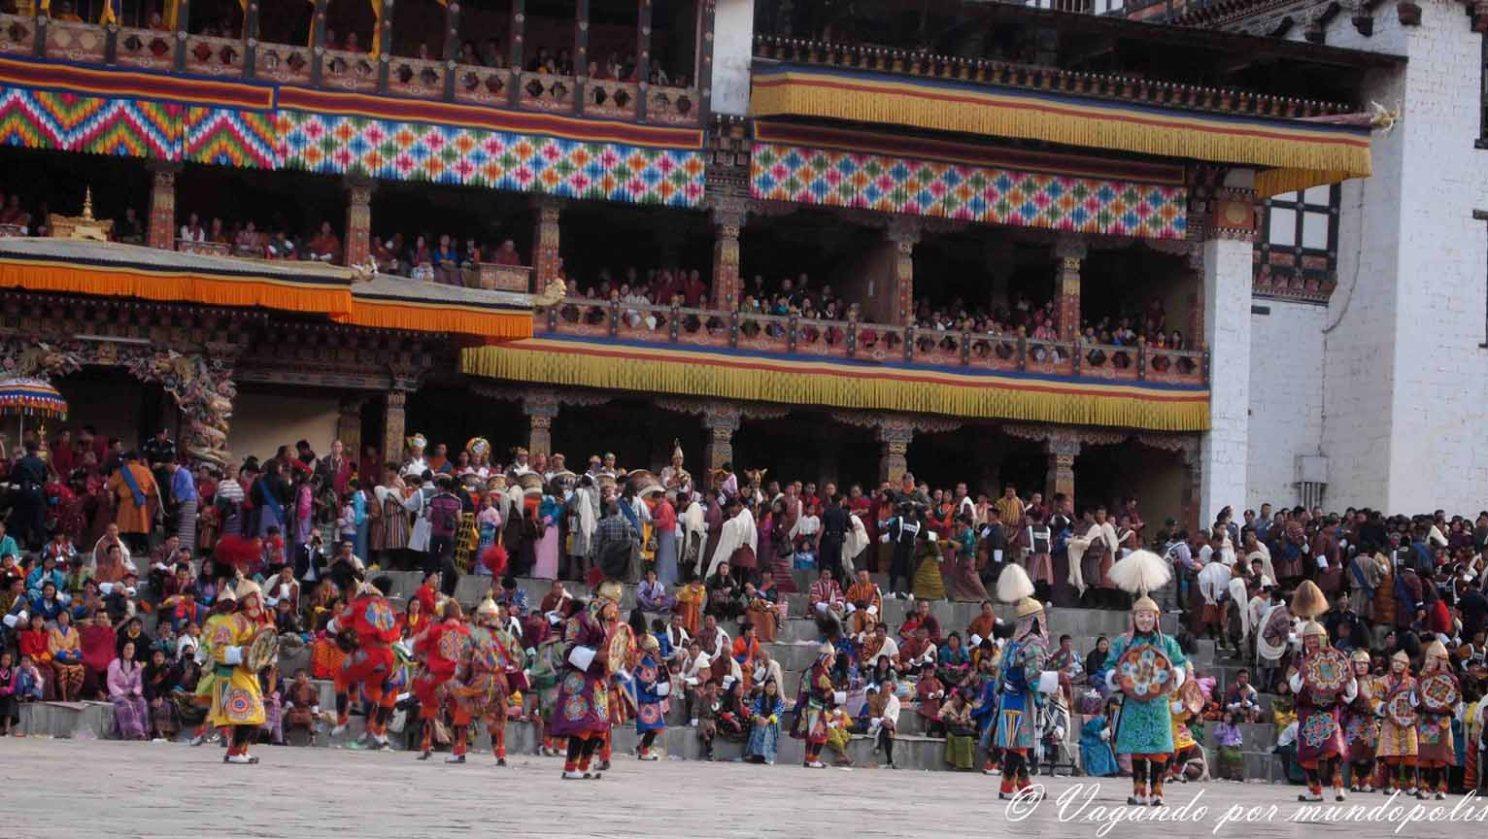 FESTIVALES EN BUTAN:LOS TSHECHU